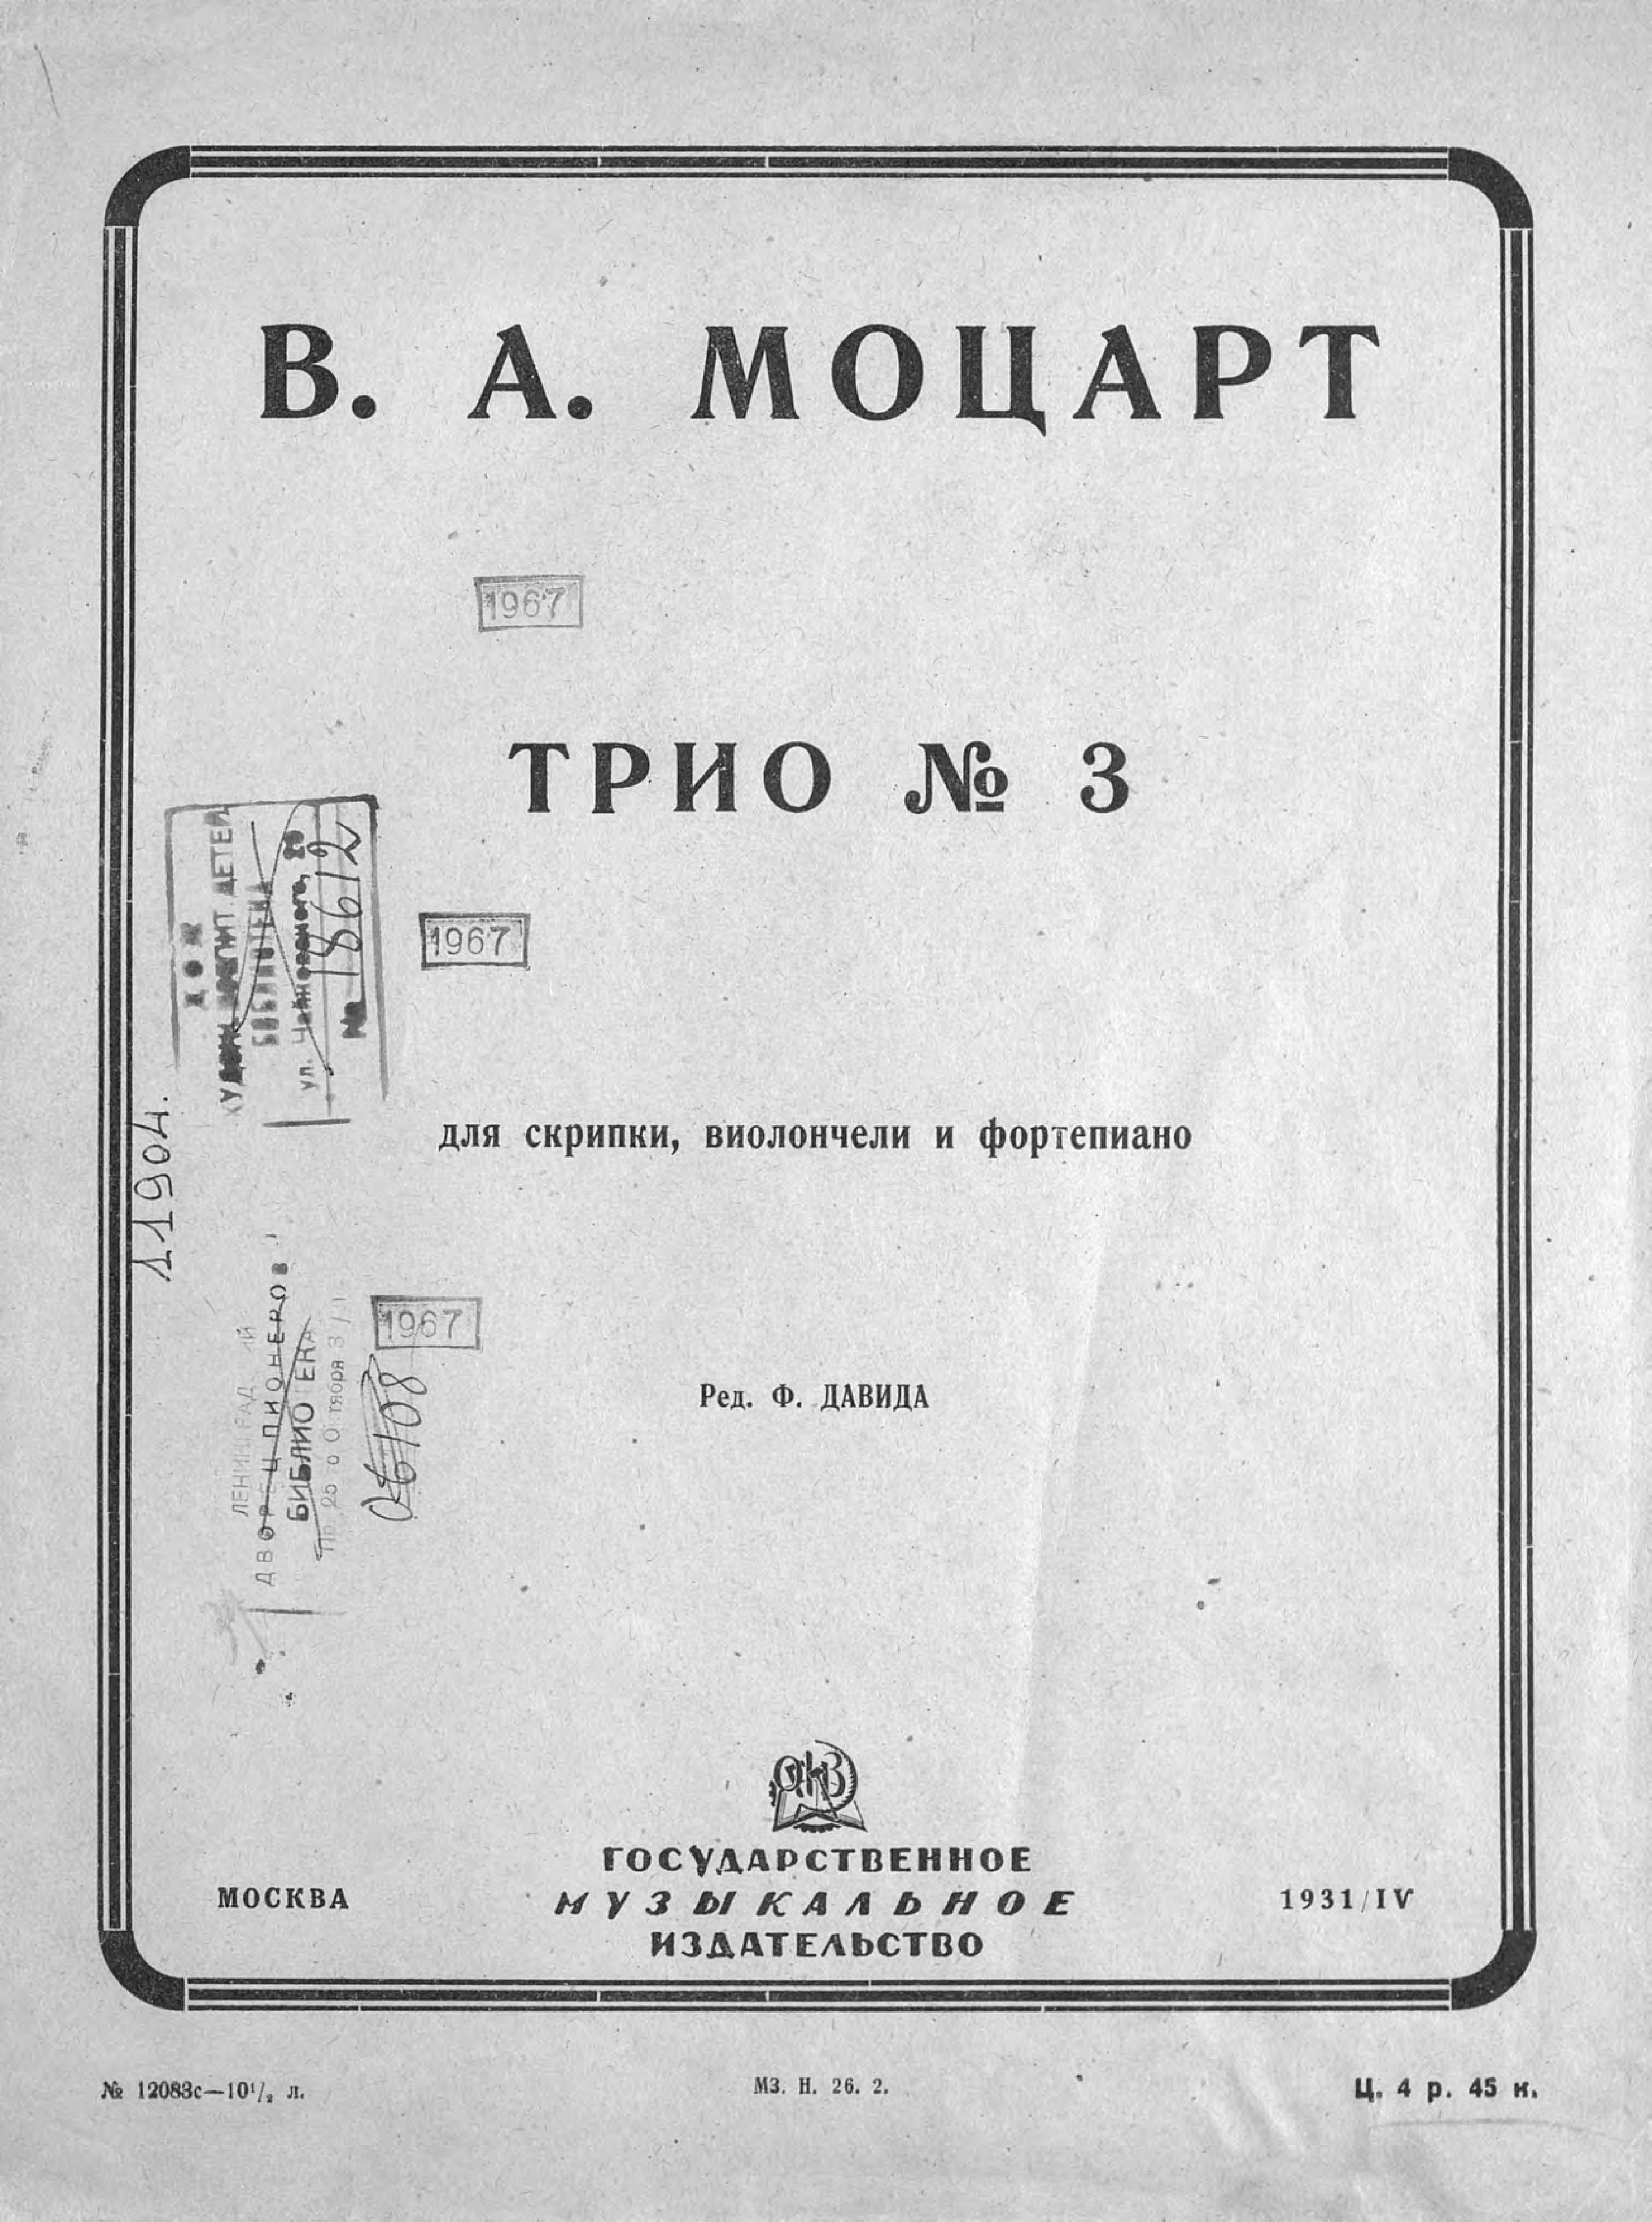 Вольфганг Амадей Моцарт Трио № 3 вольфганг амадей моцарт колыбельная песня